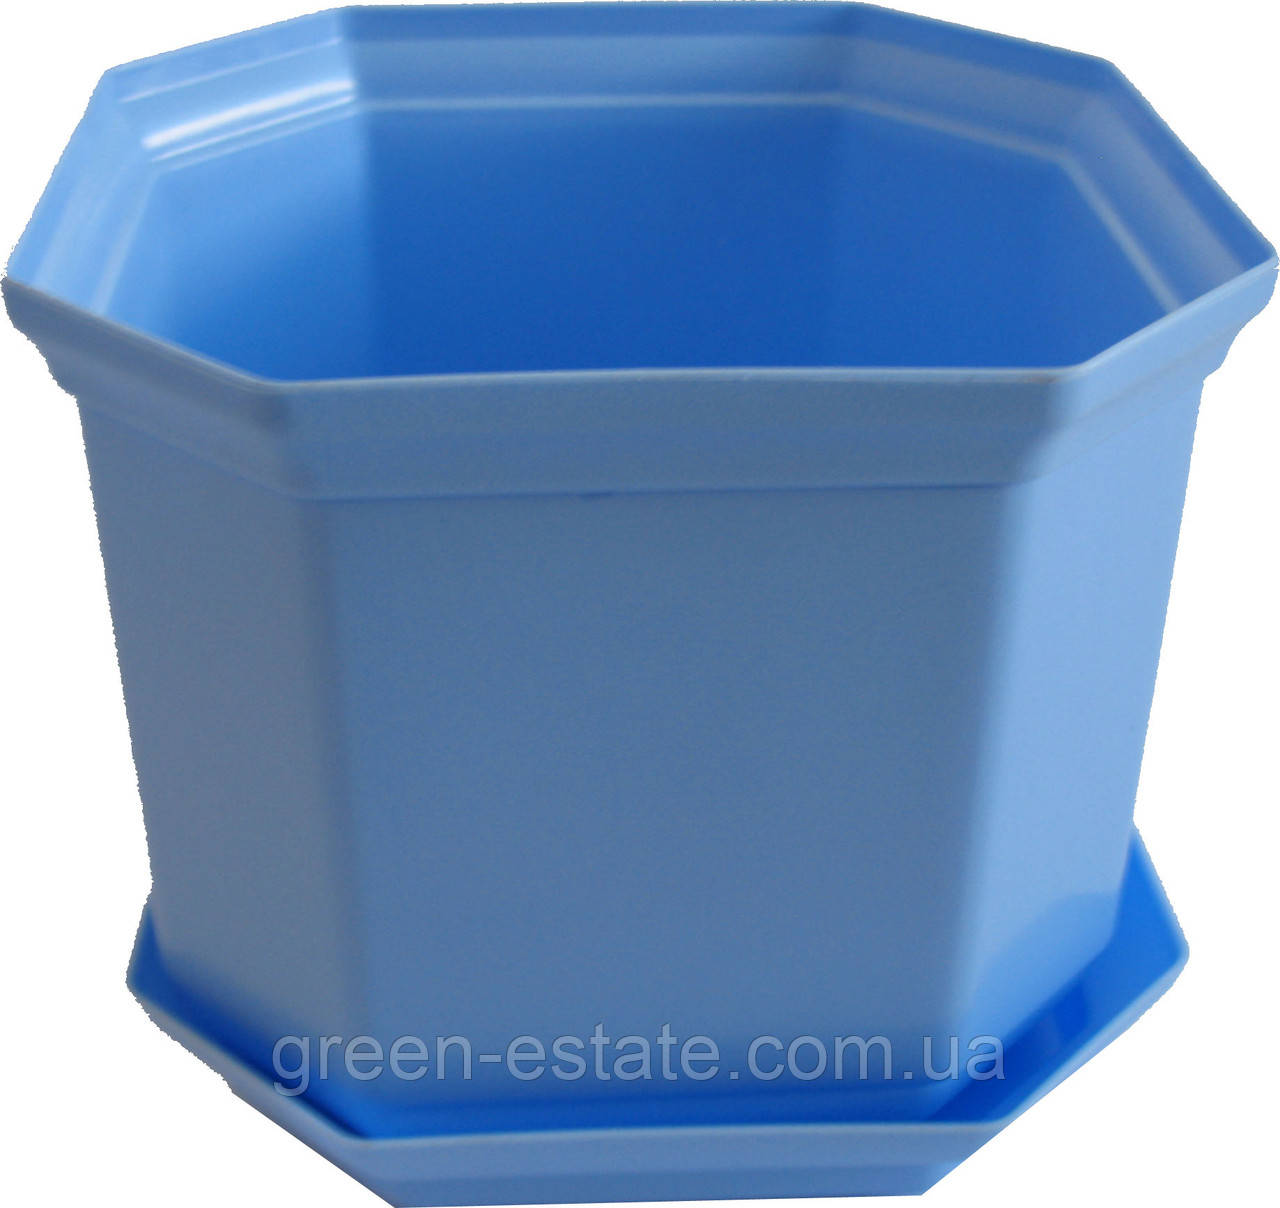 Вазон Дама 12 1,0 л синий